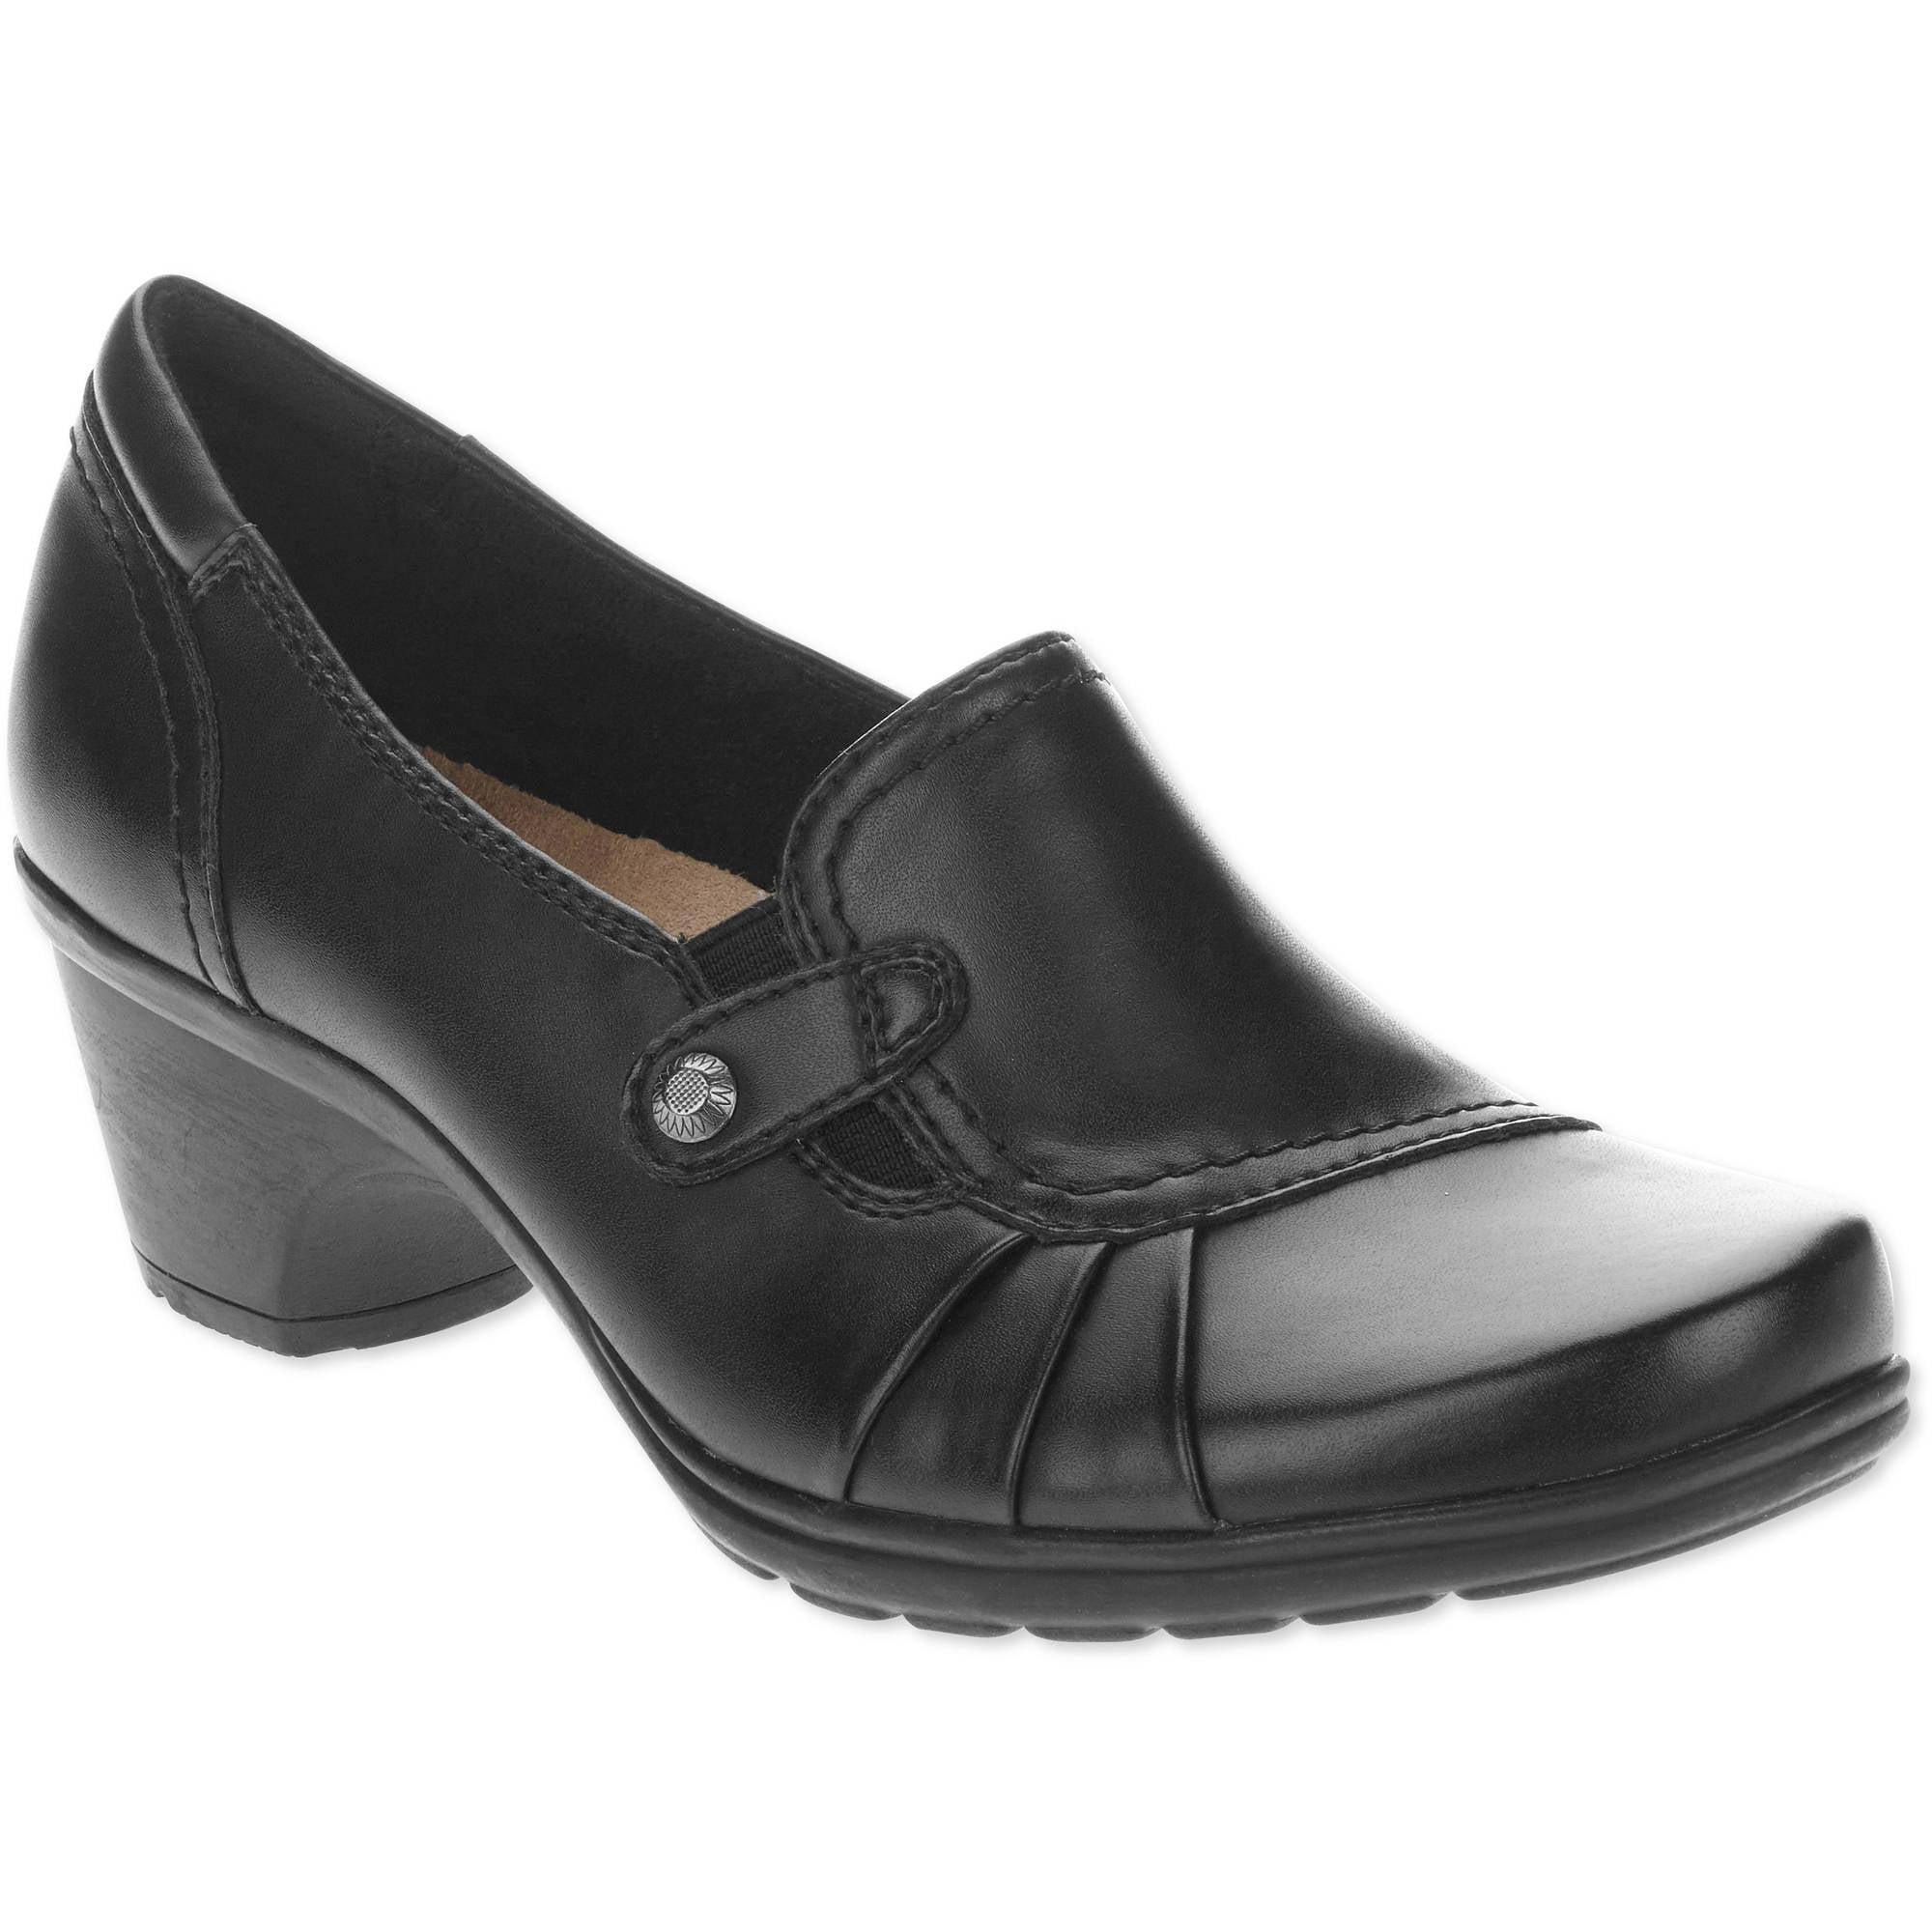 Earth Spirit Women's Rudi Casual Shoe by